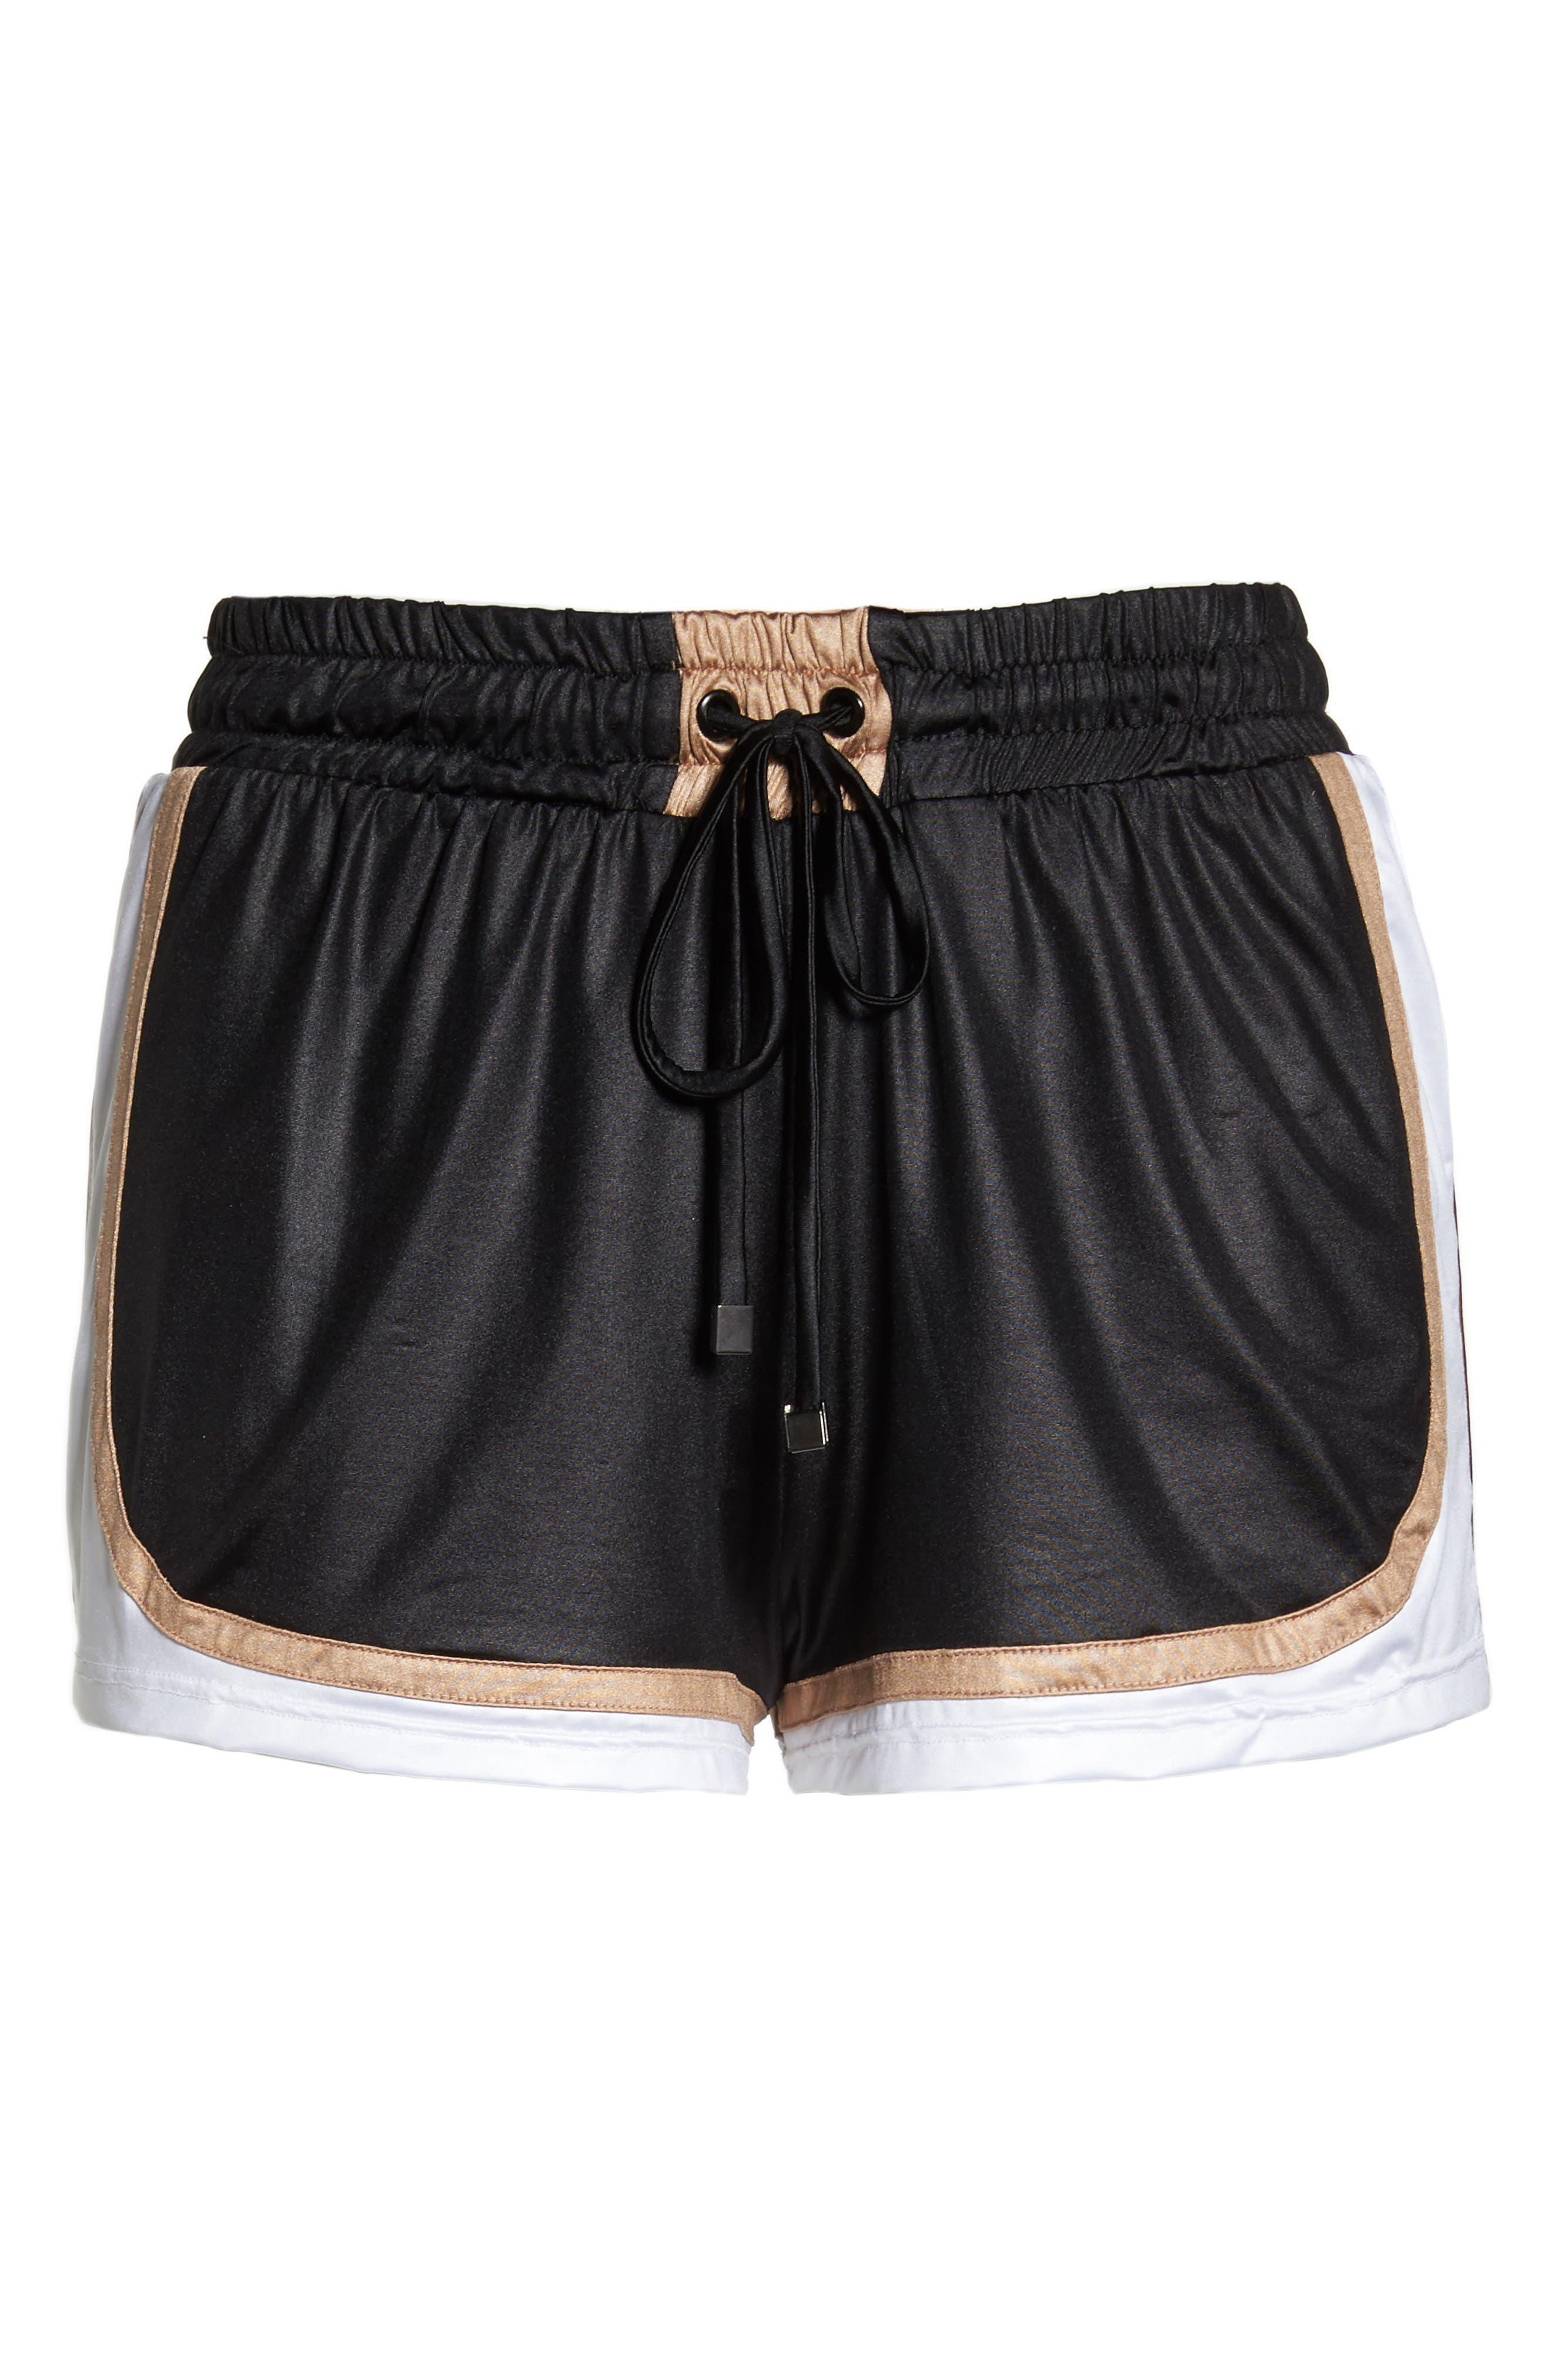 Blackout Shorts,                             Alternate thumbnail 7, color,                             BLACK/ NUDE/ WHITE